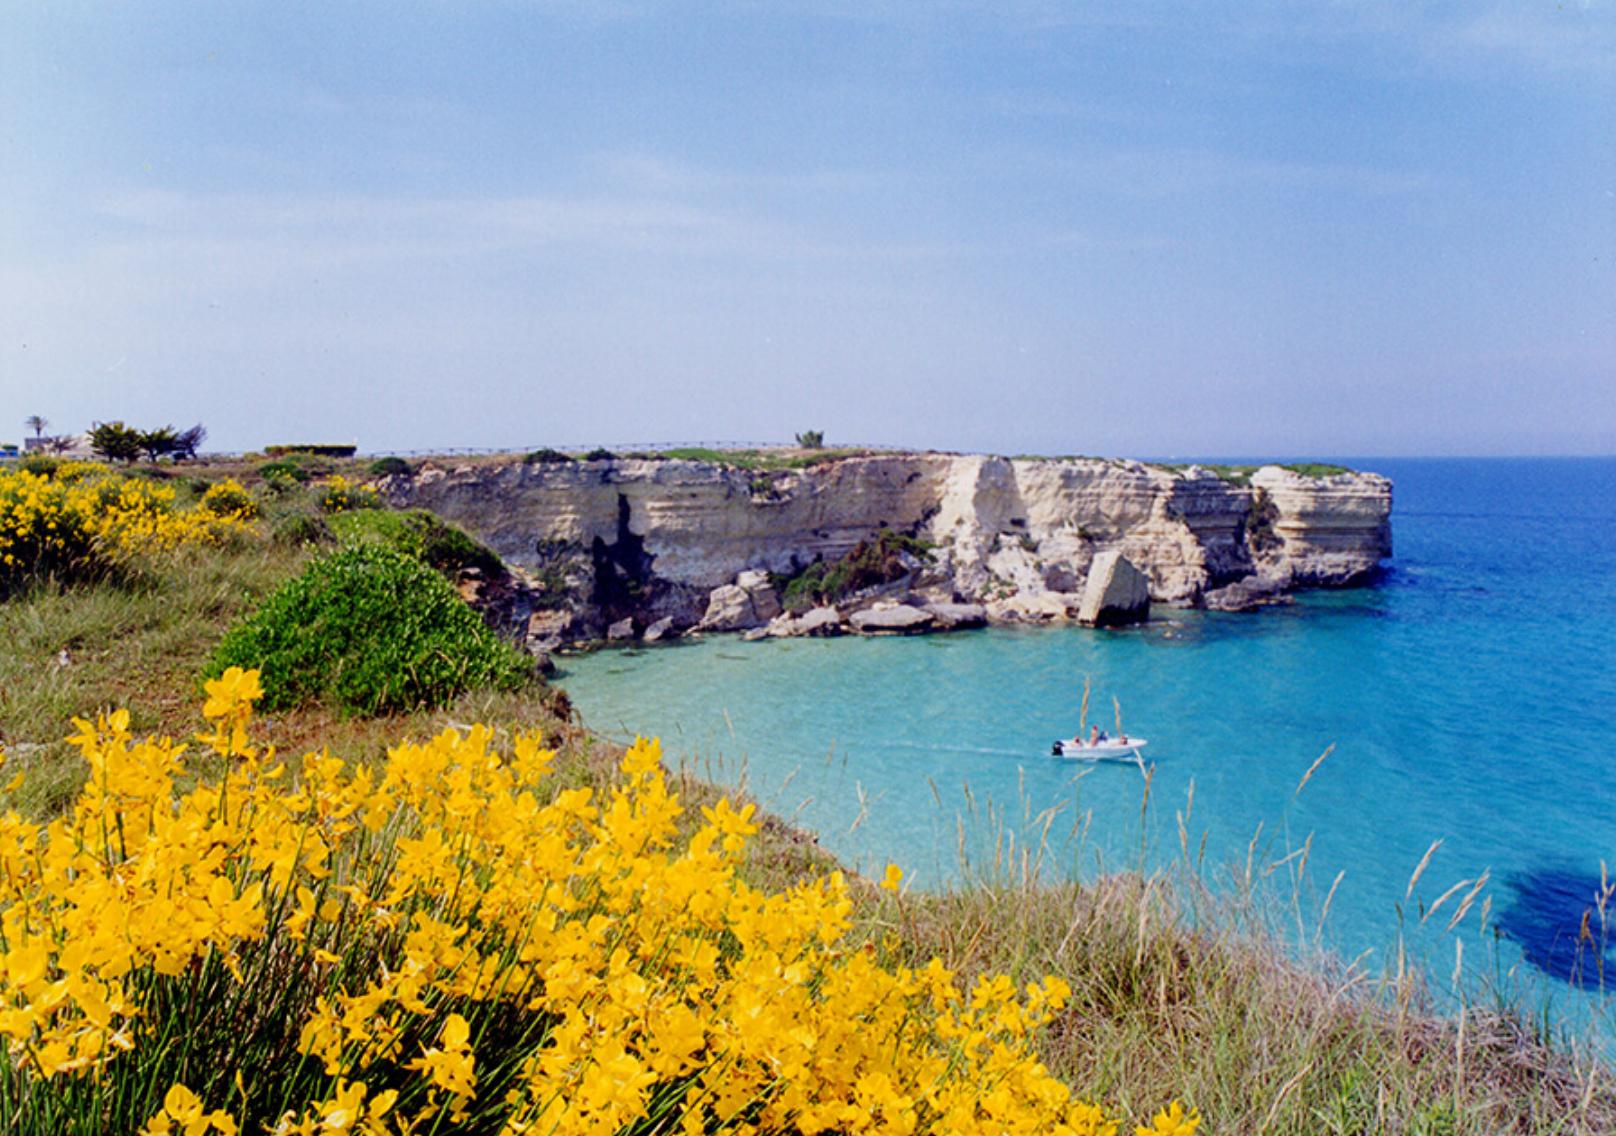 coastline with cliffs in salento Italy